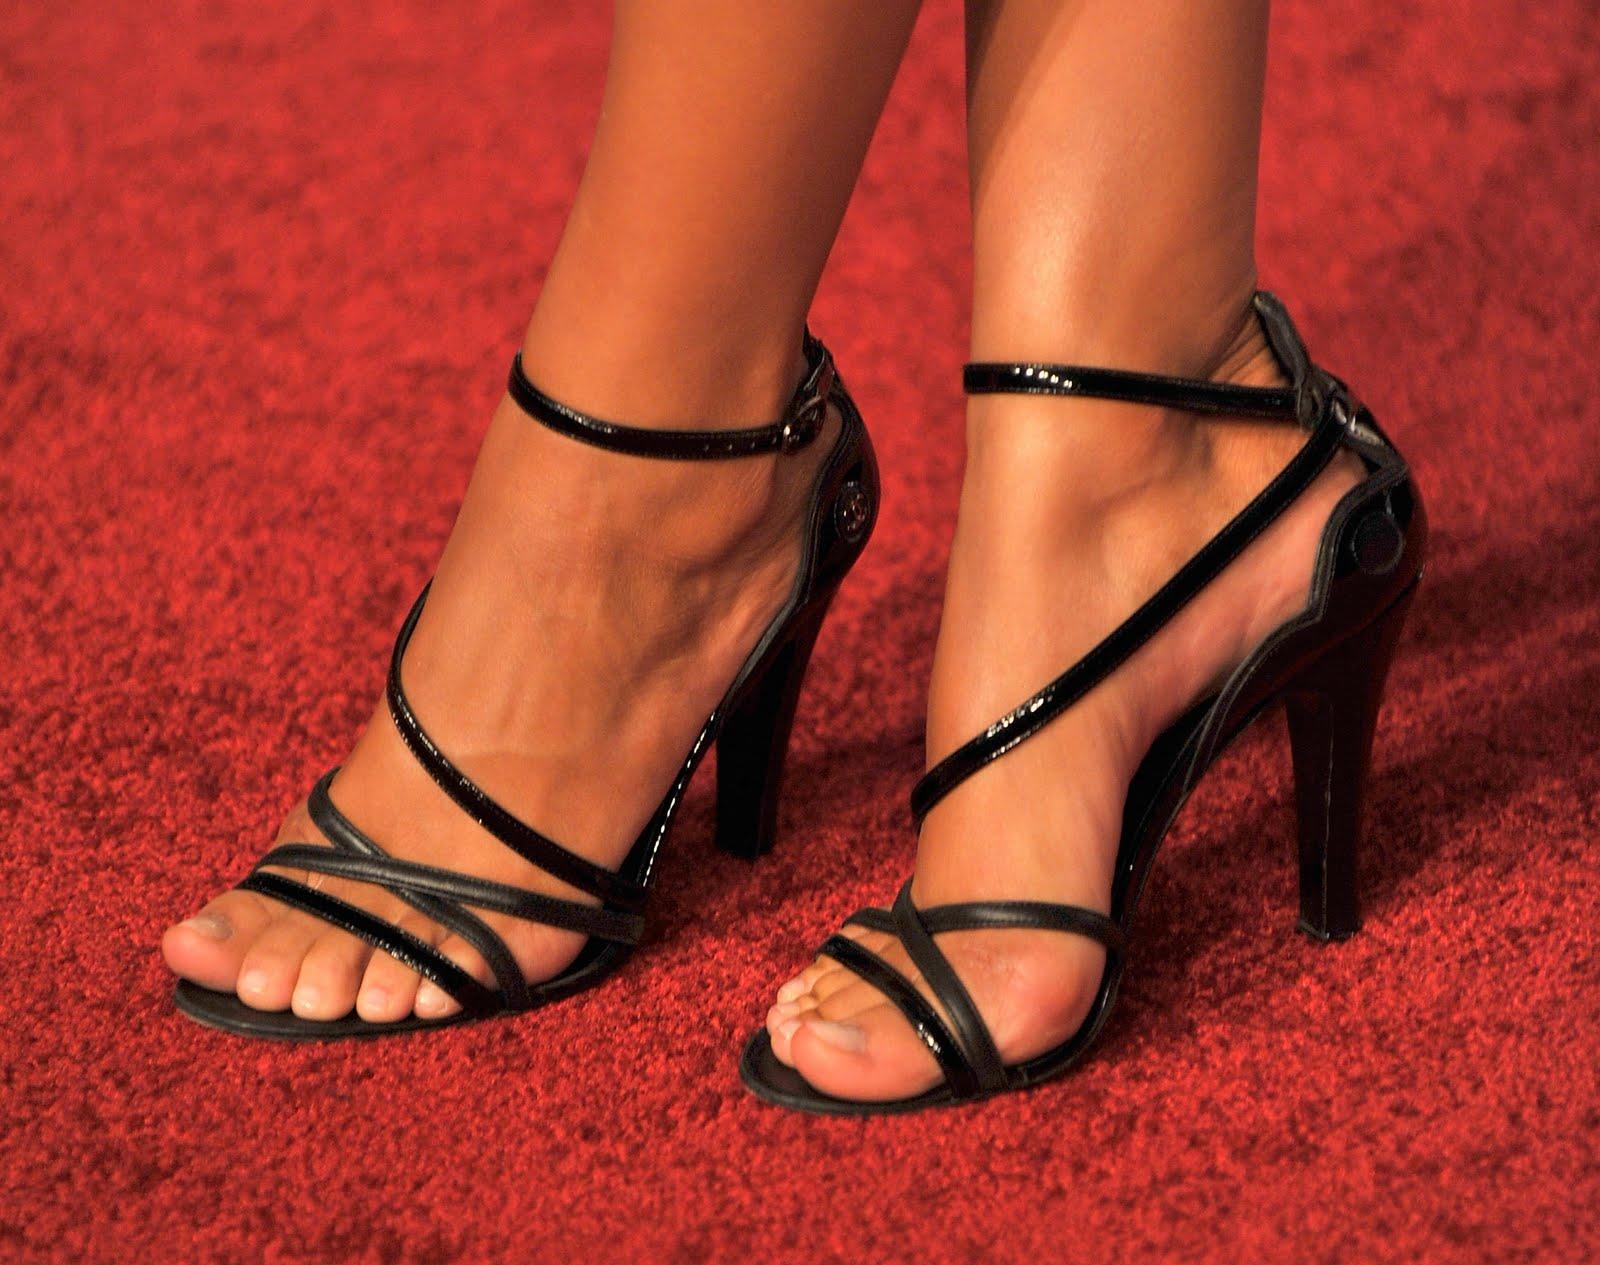 Фото ножки в туфельках 26 фотография